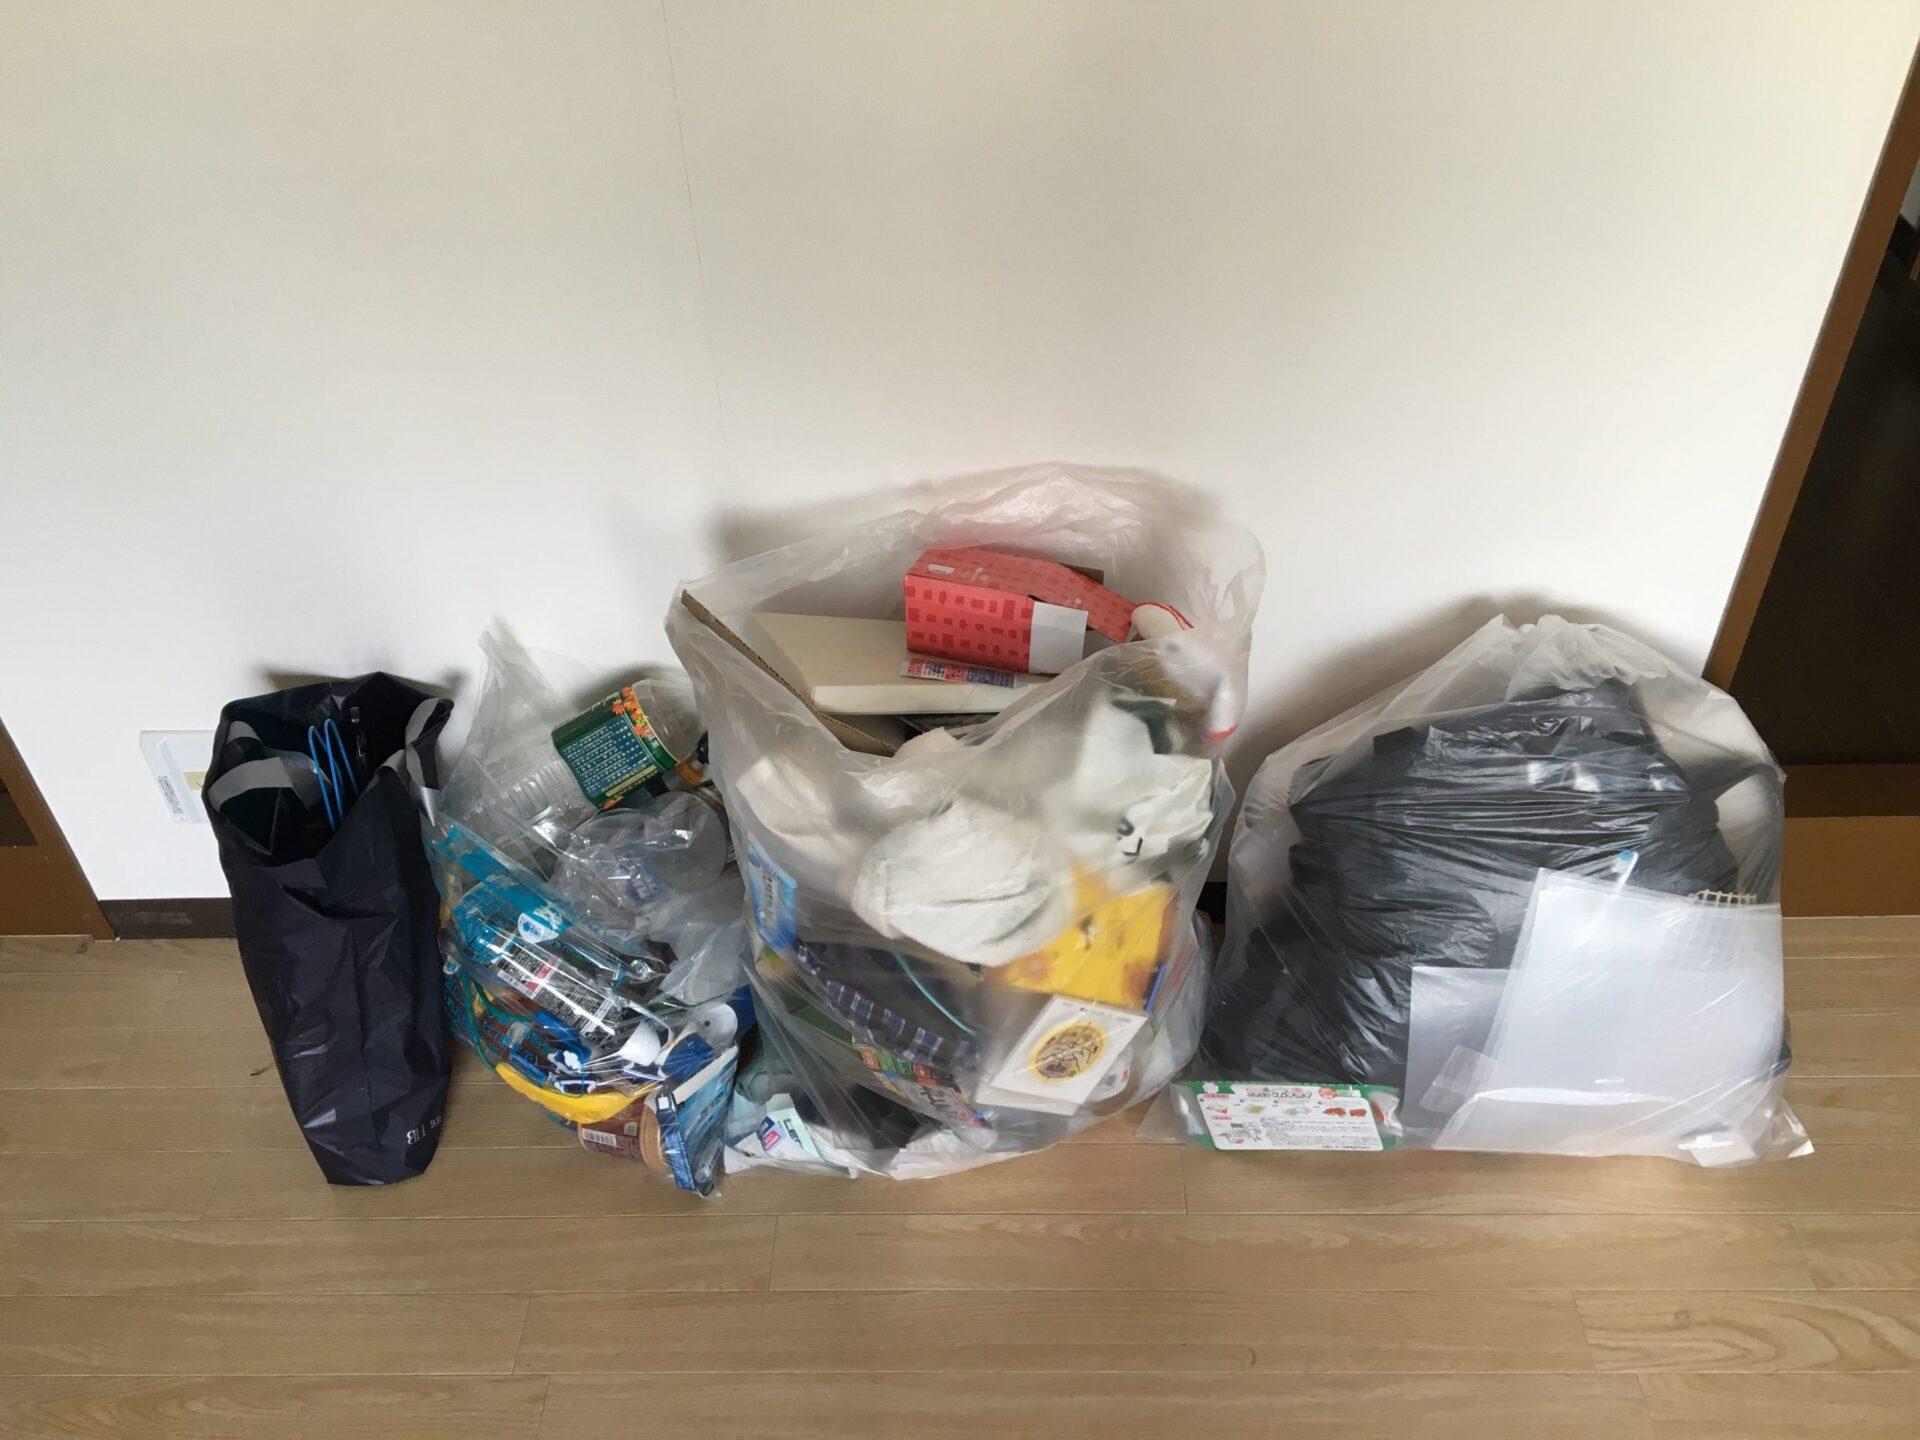 【愛知県名古屋市中川区】引越し日が自治体の回収日ではなく余った袋ゴミの引き取り